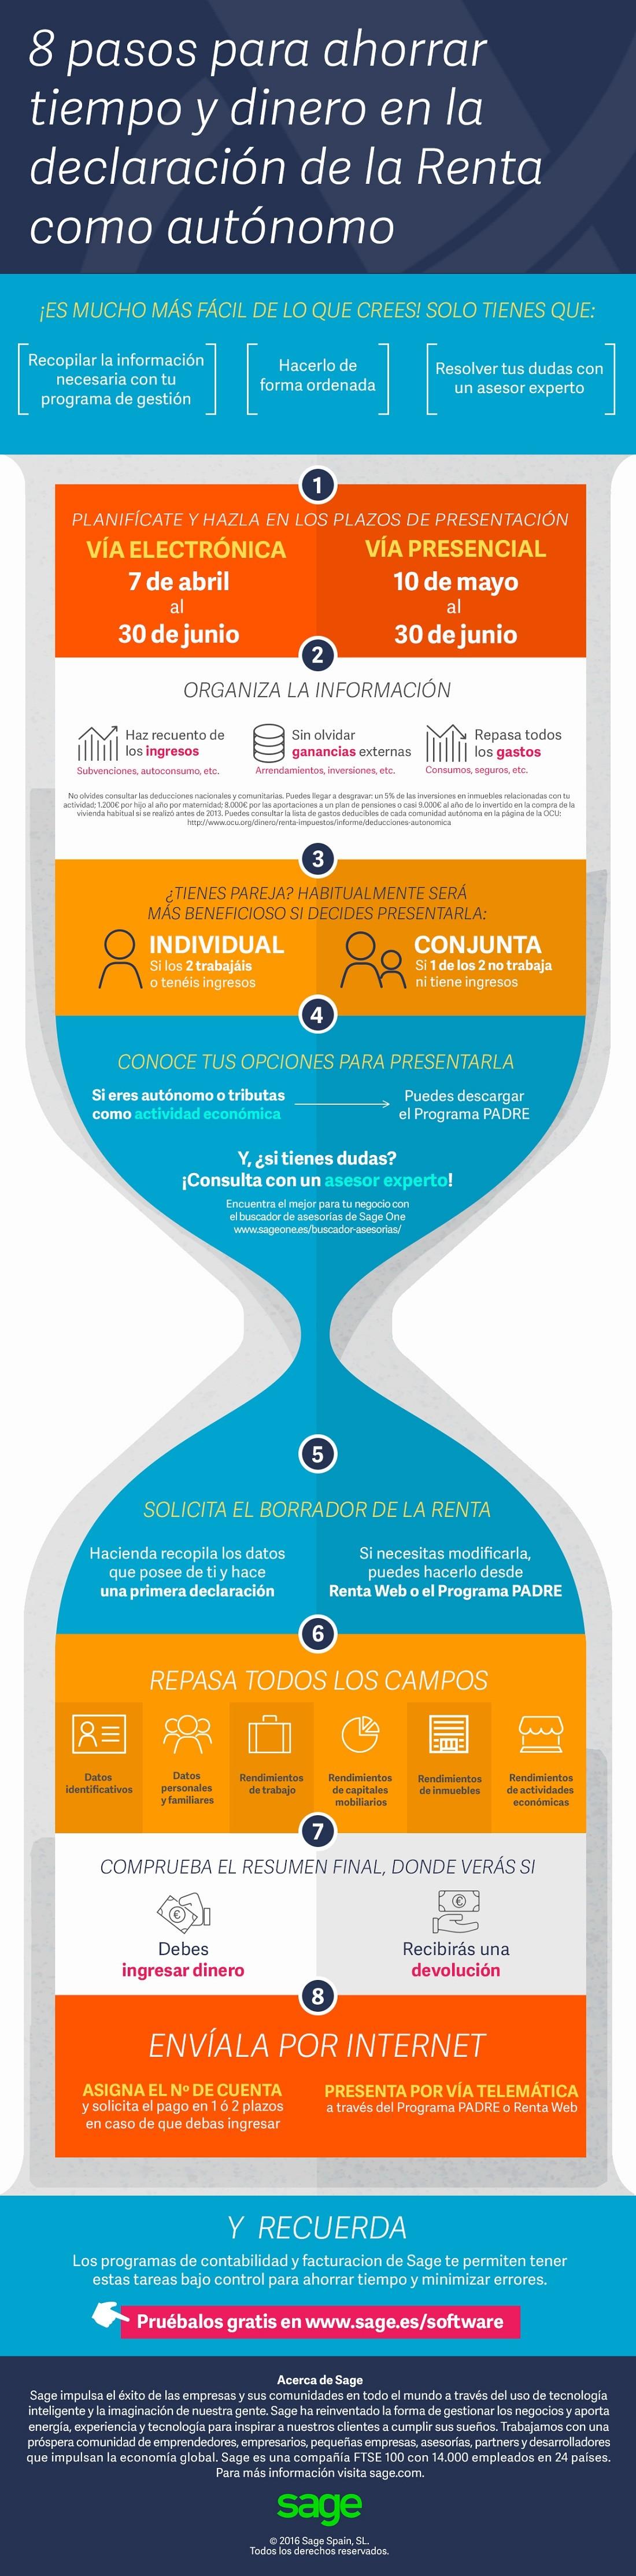 Cómo ahorrar tiempo y dinero en la declaración de la Renta de los autónomos #infografia #infographic